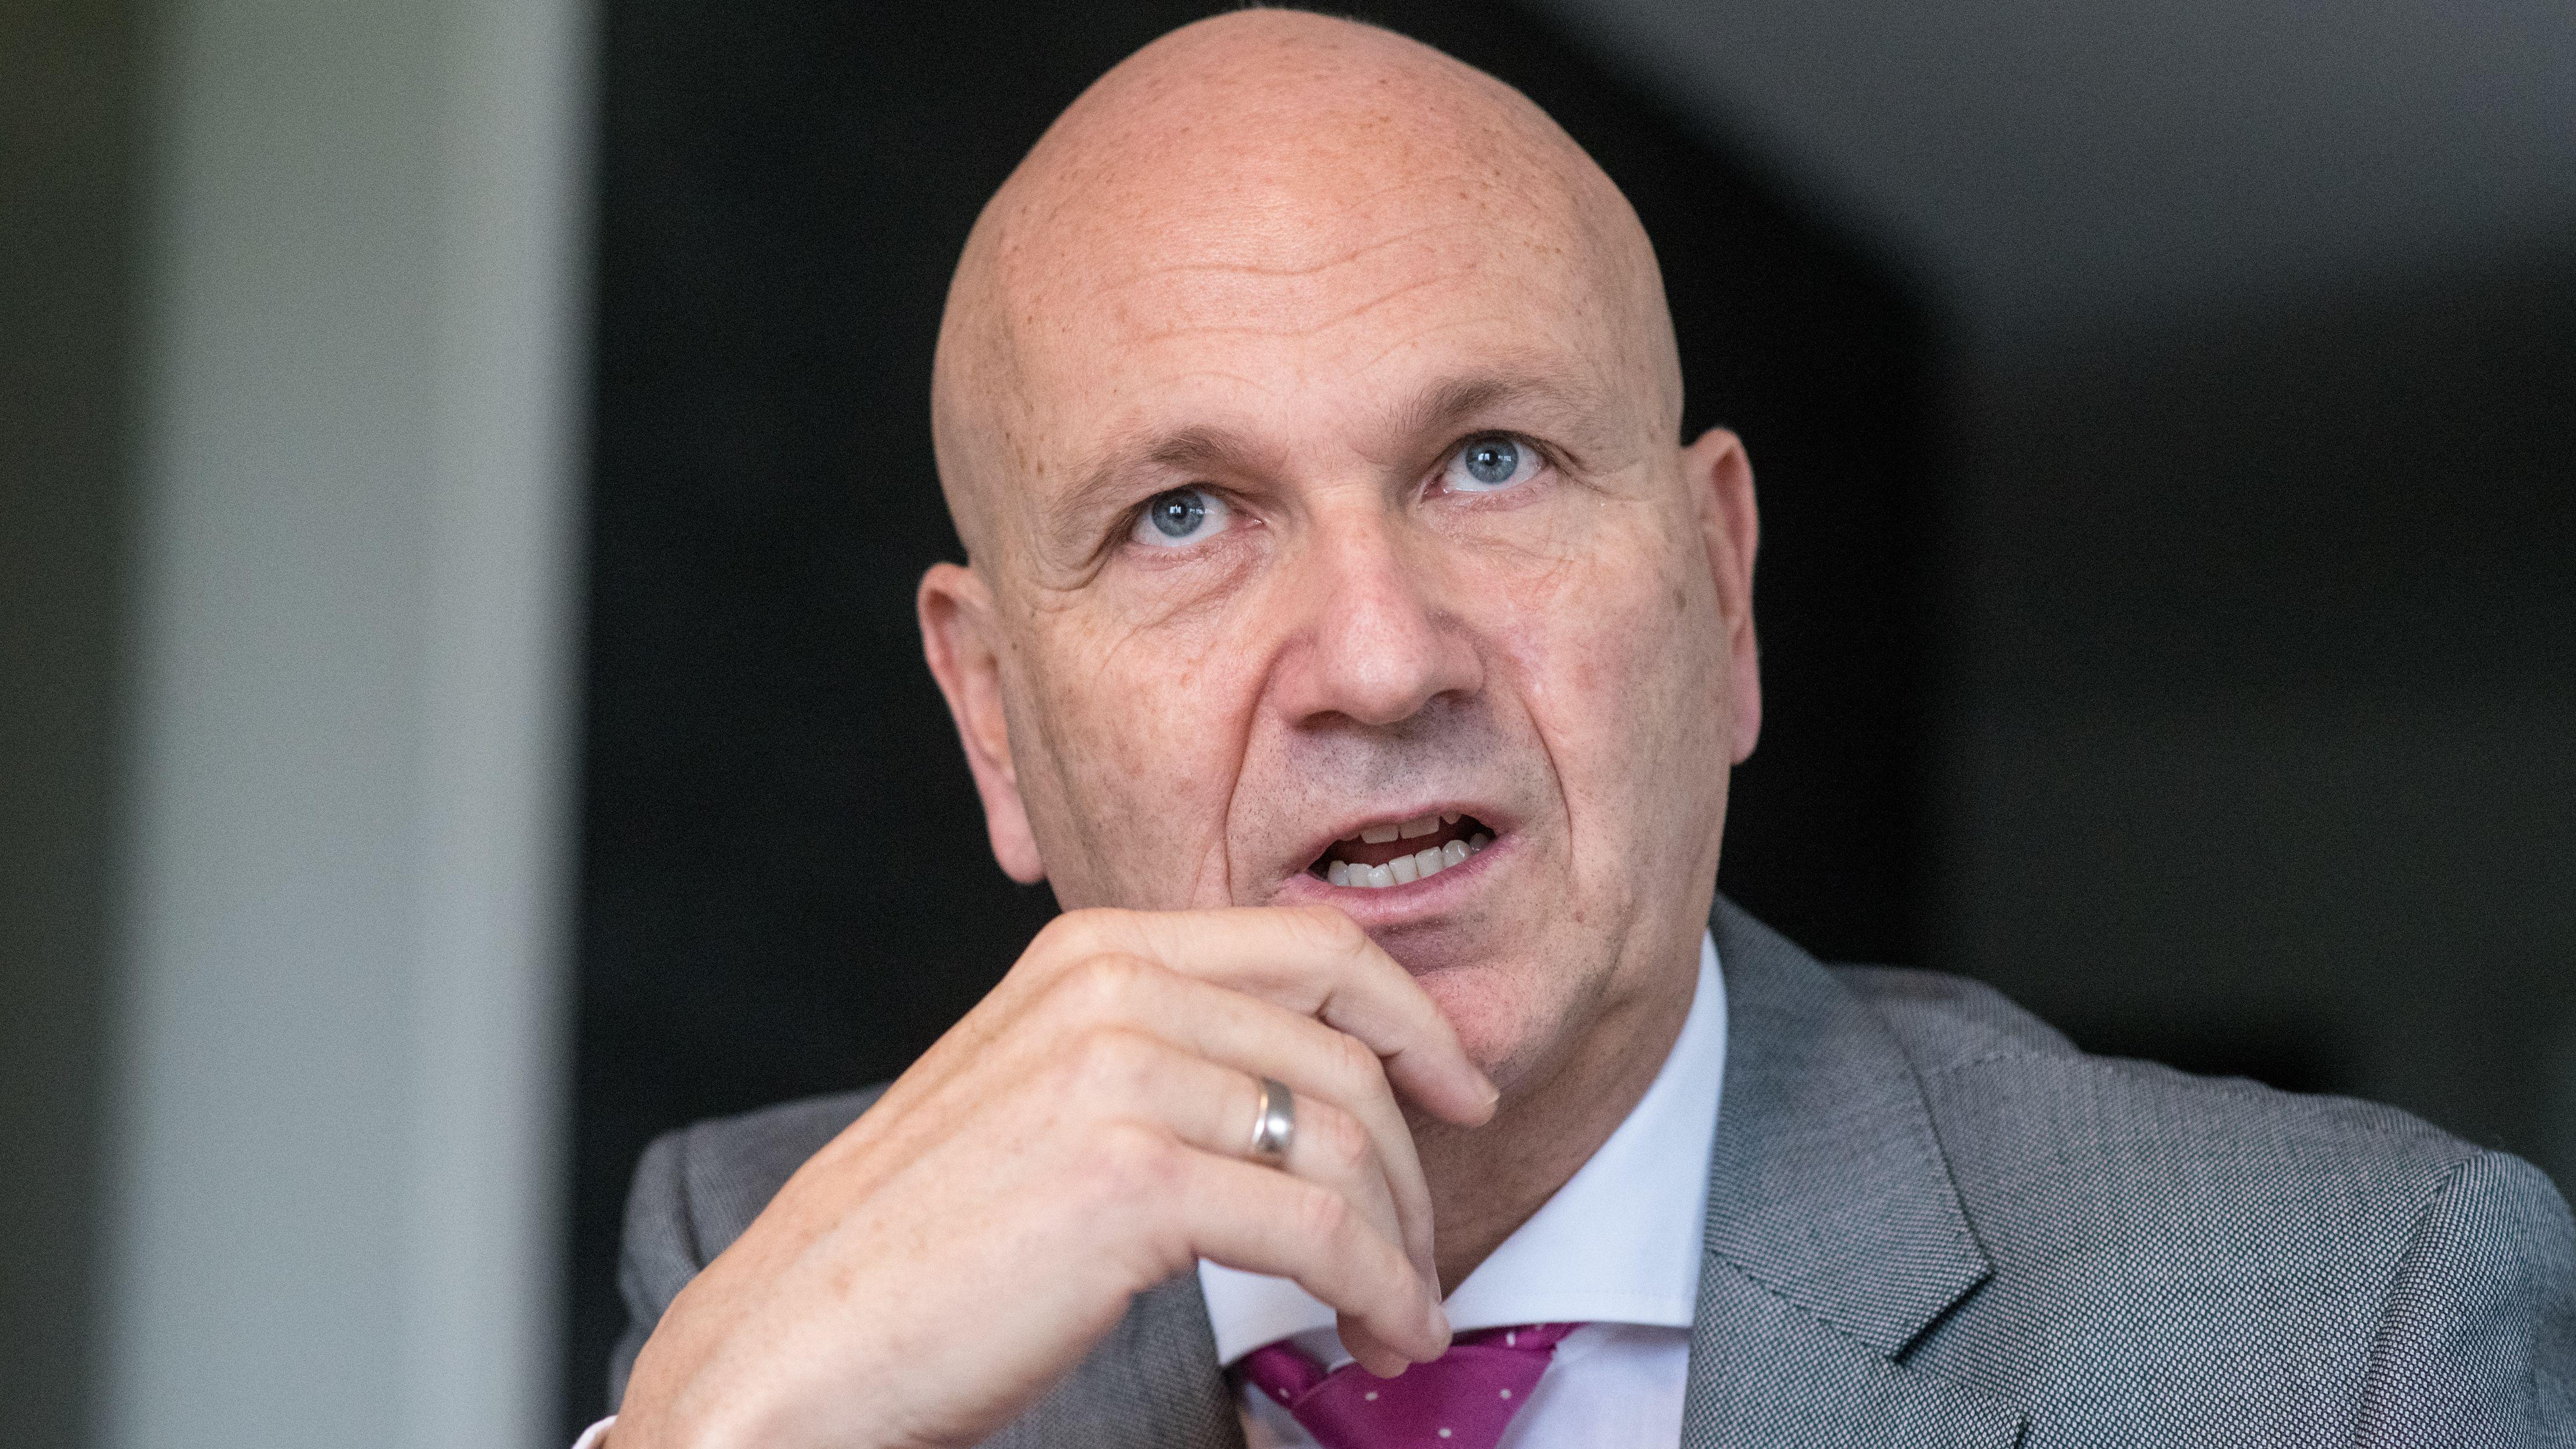 Der Abensberger Bürgermeister und Präsident des Deutschen Städte- und Gemeindebundes, Uwe Brandl